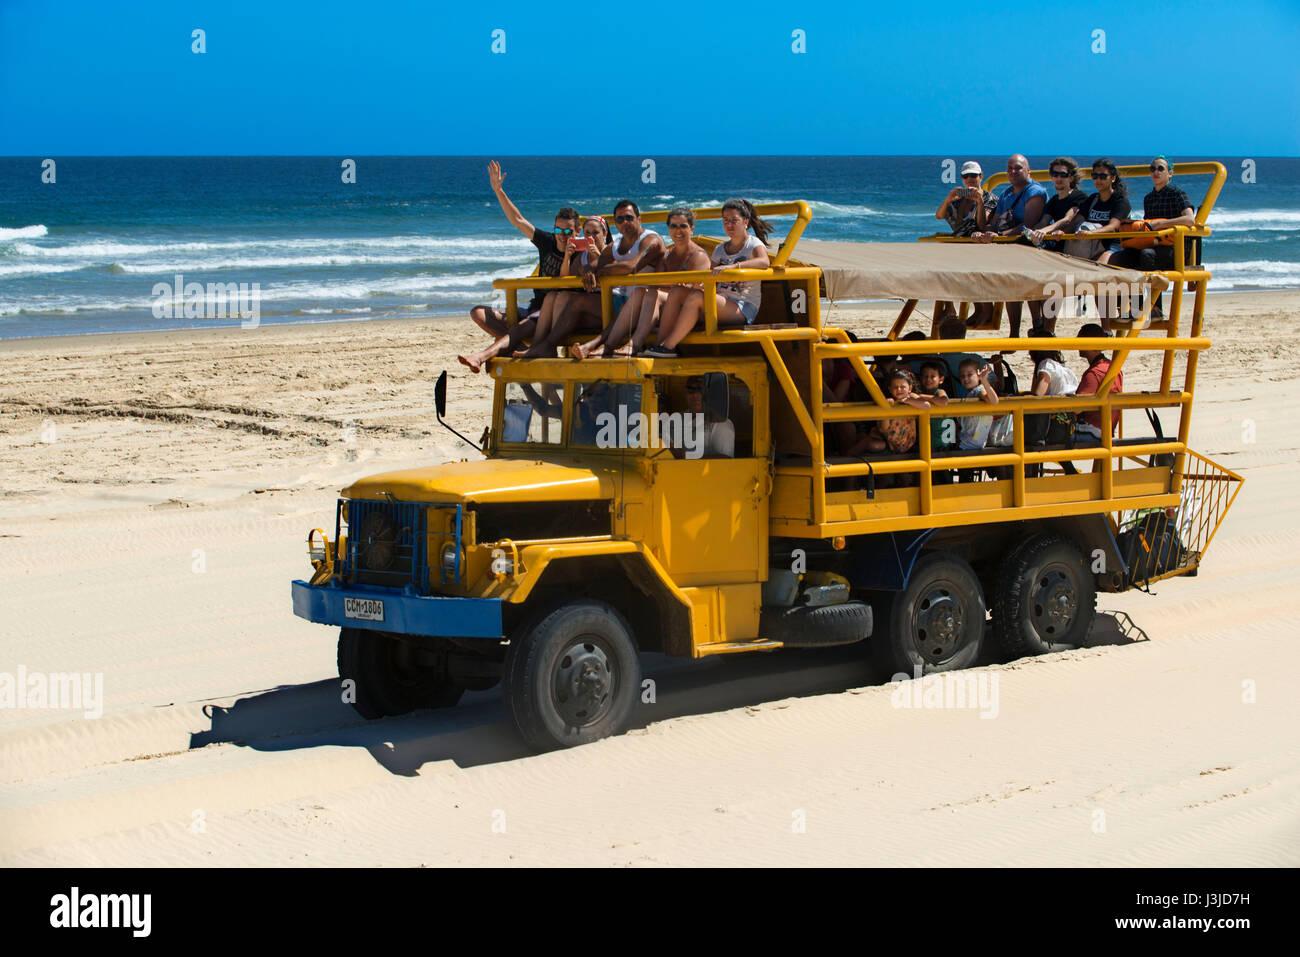 Camiones especiales se utilizan para llegar a la aldea, Cabo Polonio, Departamento de Rocha, Uruguay. Imagen De Stock